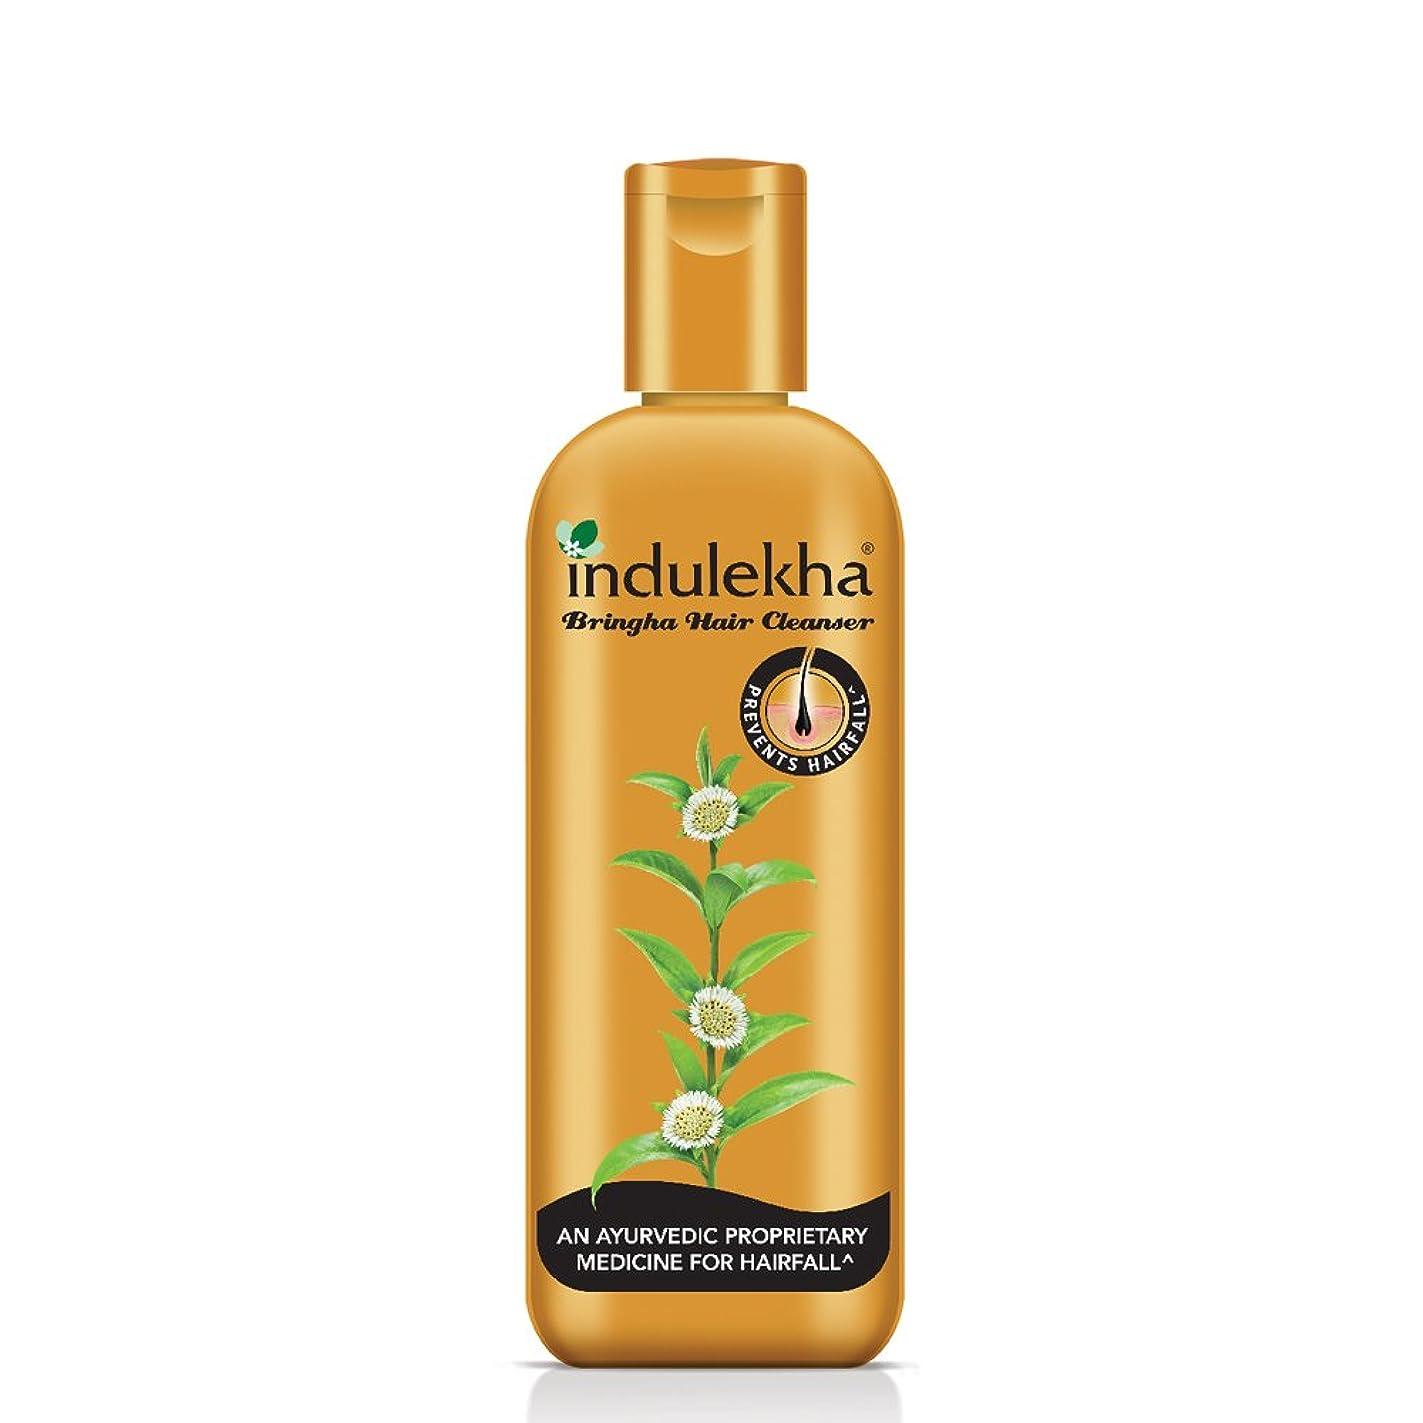 学校教育プーノシンポジウムIndulekha Bringha Anti Hair Fall Shampoo (Hair Cleanser) 200ml, 6.76 oz - 並行輸入品 - イニディカ?ブリンガアンチヘアフォールシャンプー(ヘアクレンザー)200ml、6.76oz